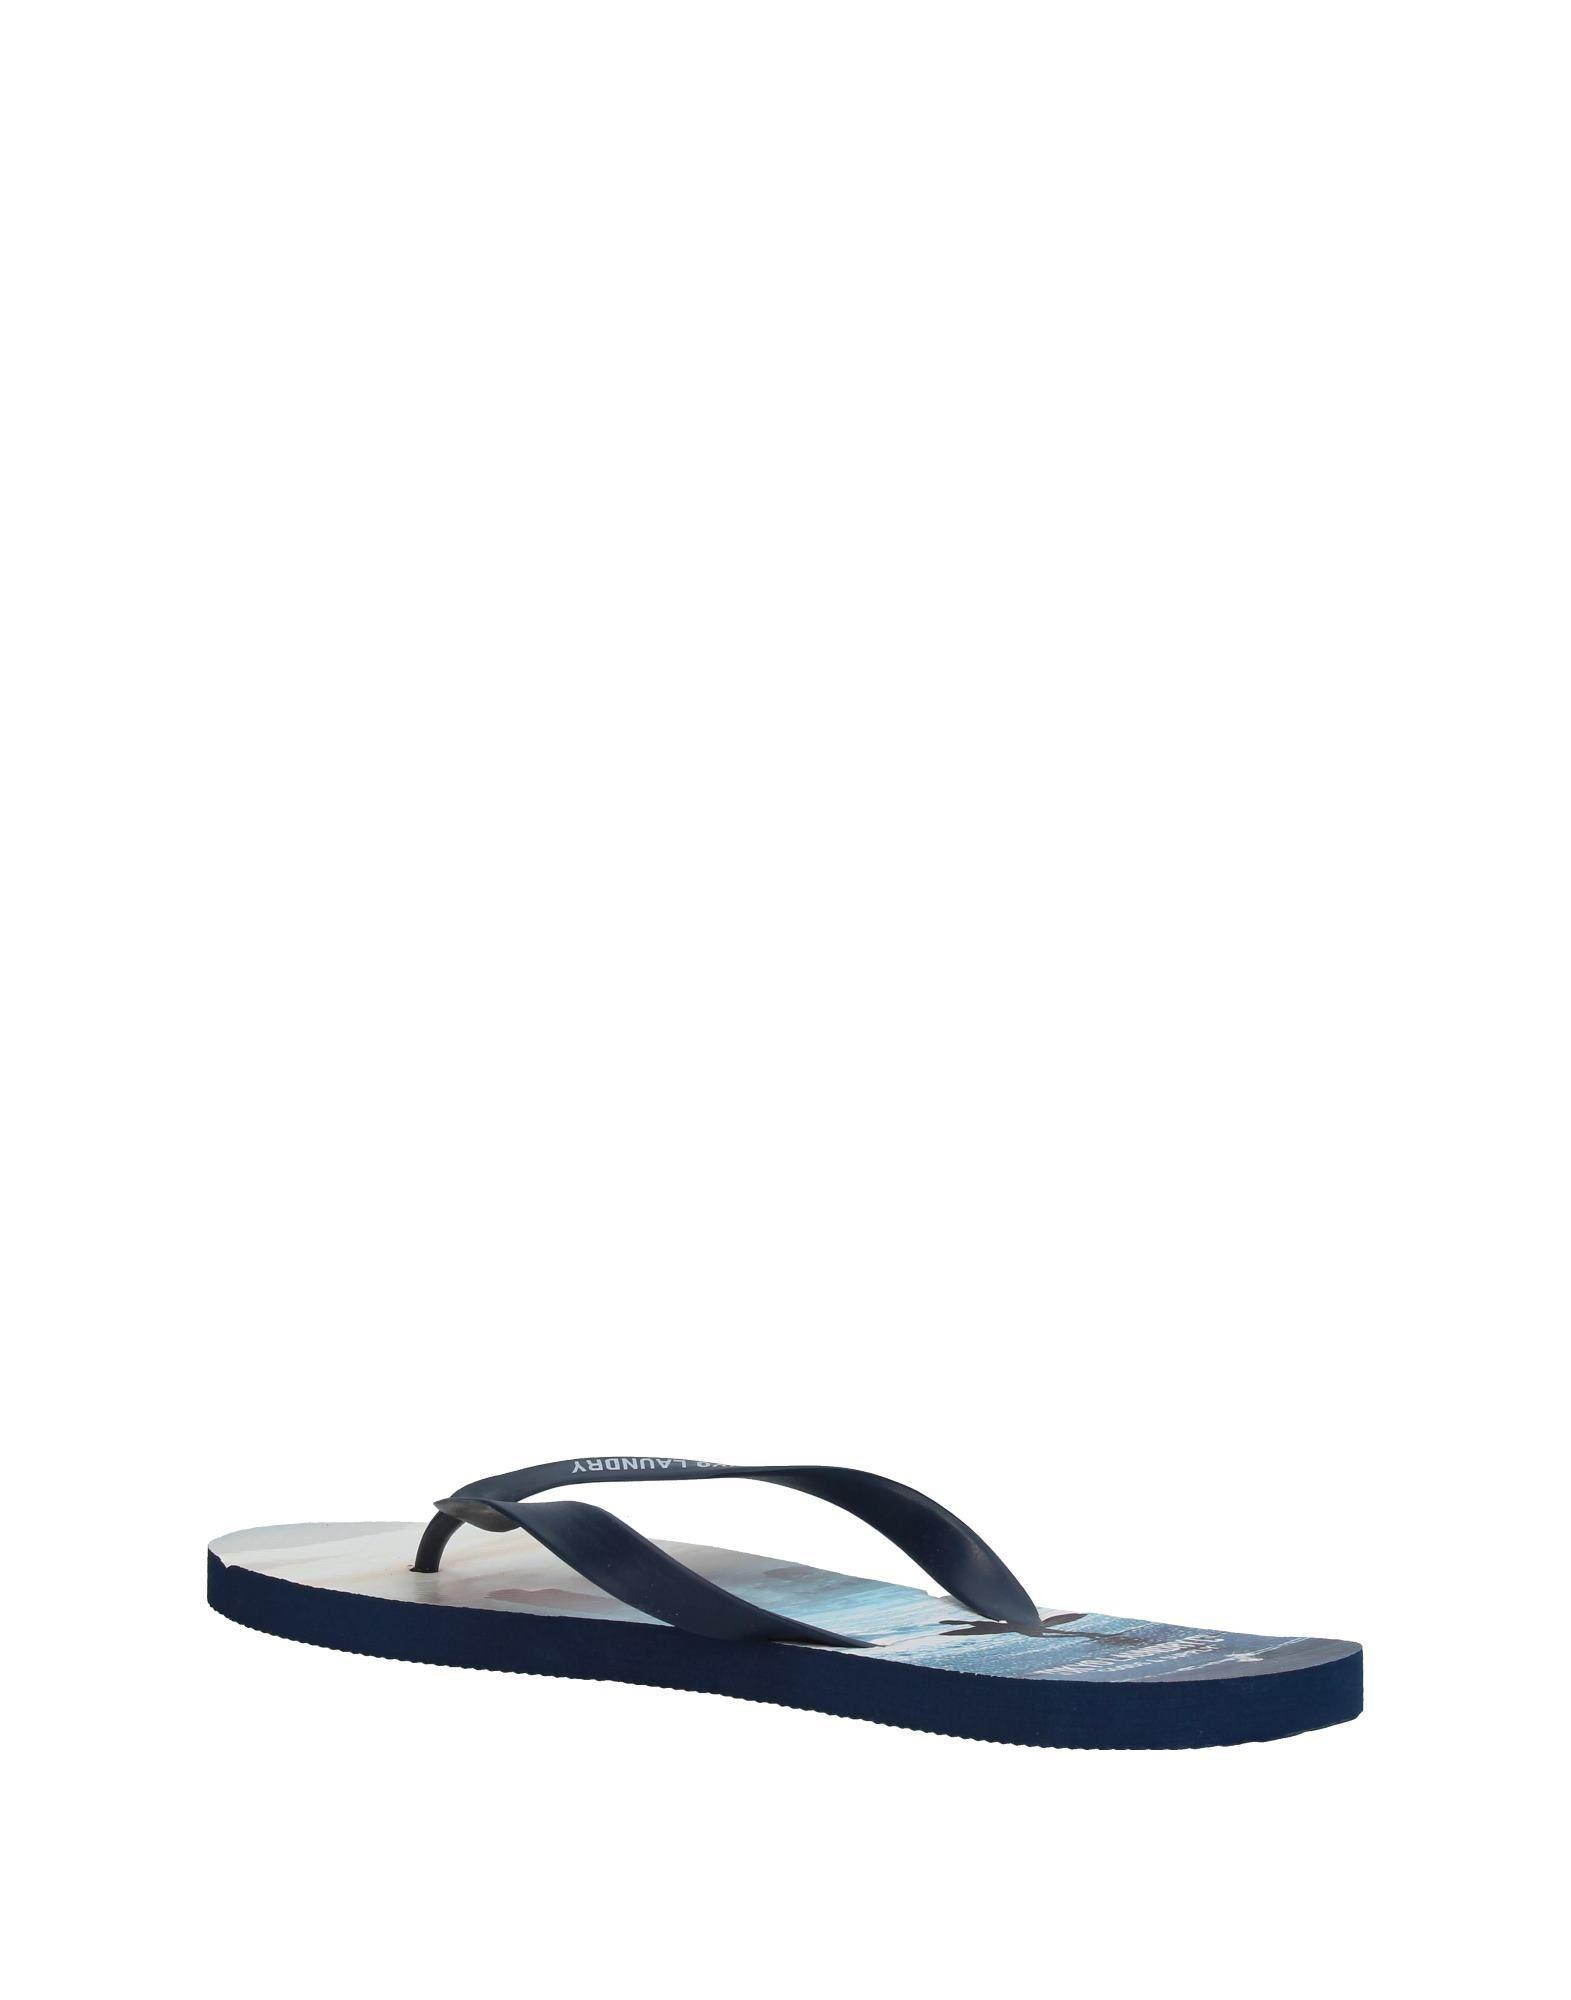 Sandale Entredoigt Linge Tokyo EpDV527